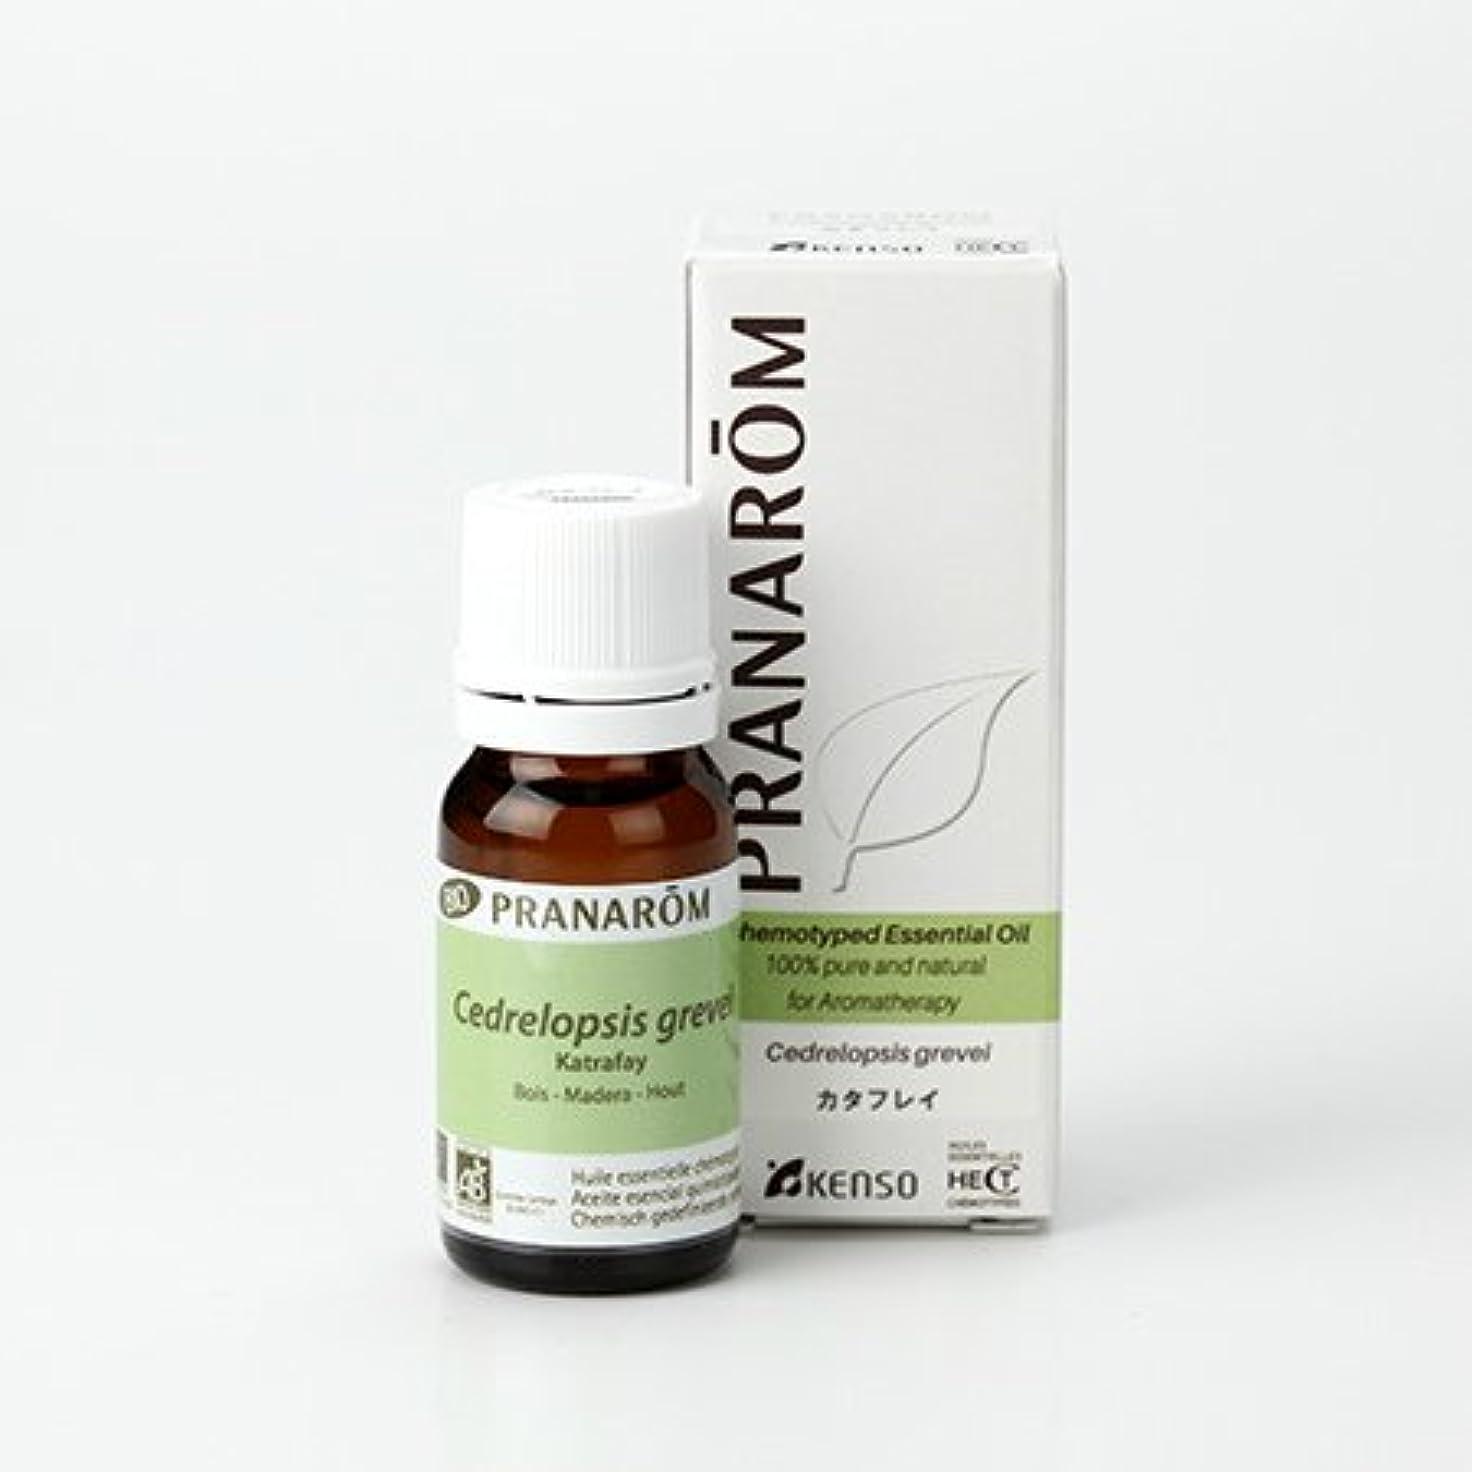 マトロンリハーサル才能のあるプラナロム カタフレイ 10ml (PRANAROM ケモタイプ精油)